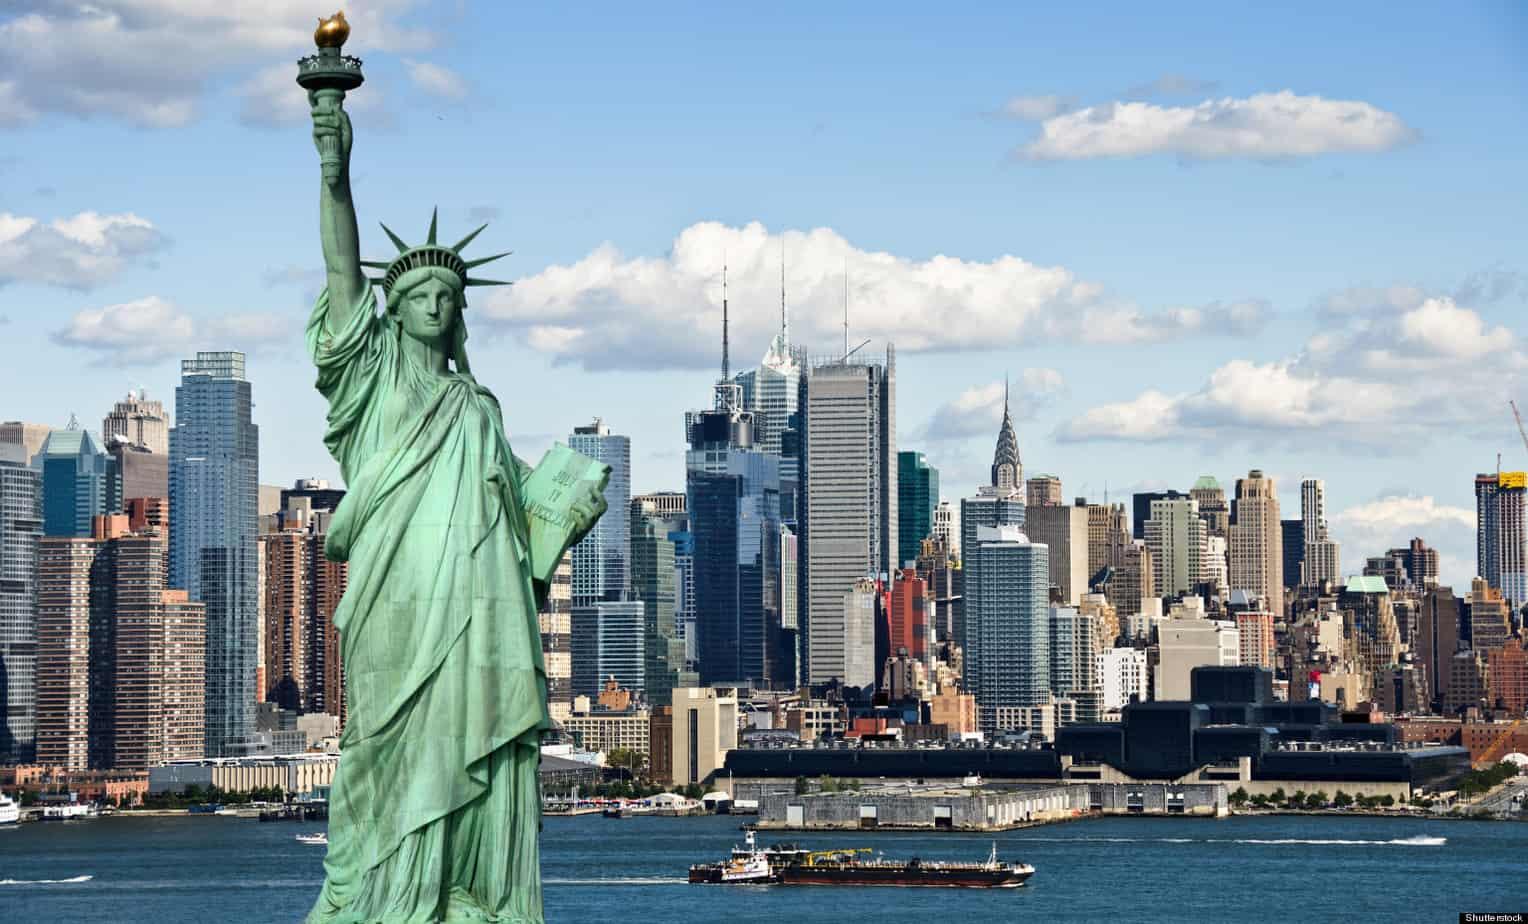 افضل 4 من اماكن التسوق في نيويورك أمريكا